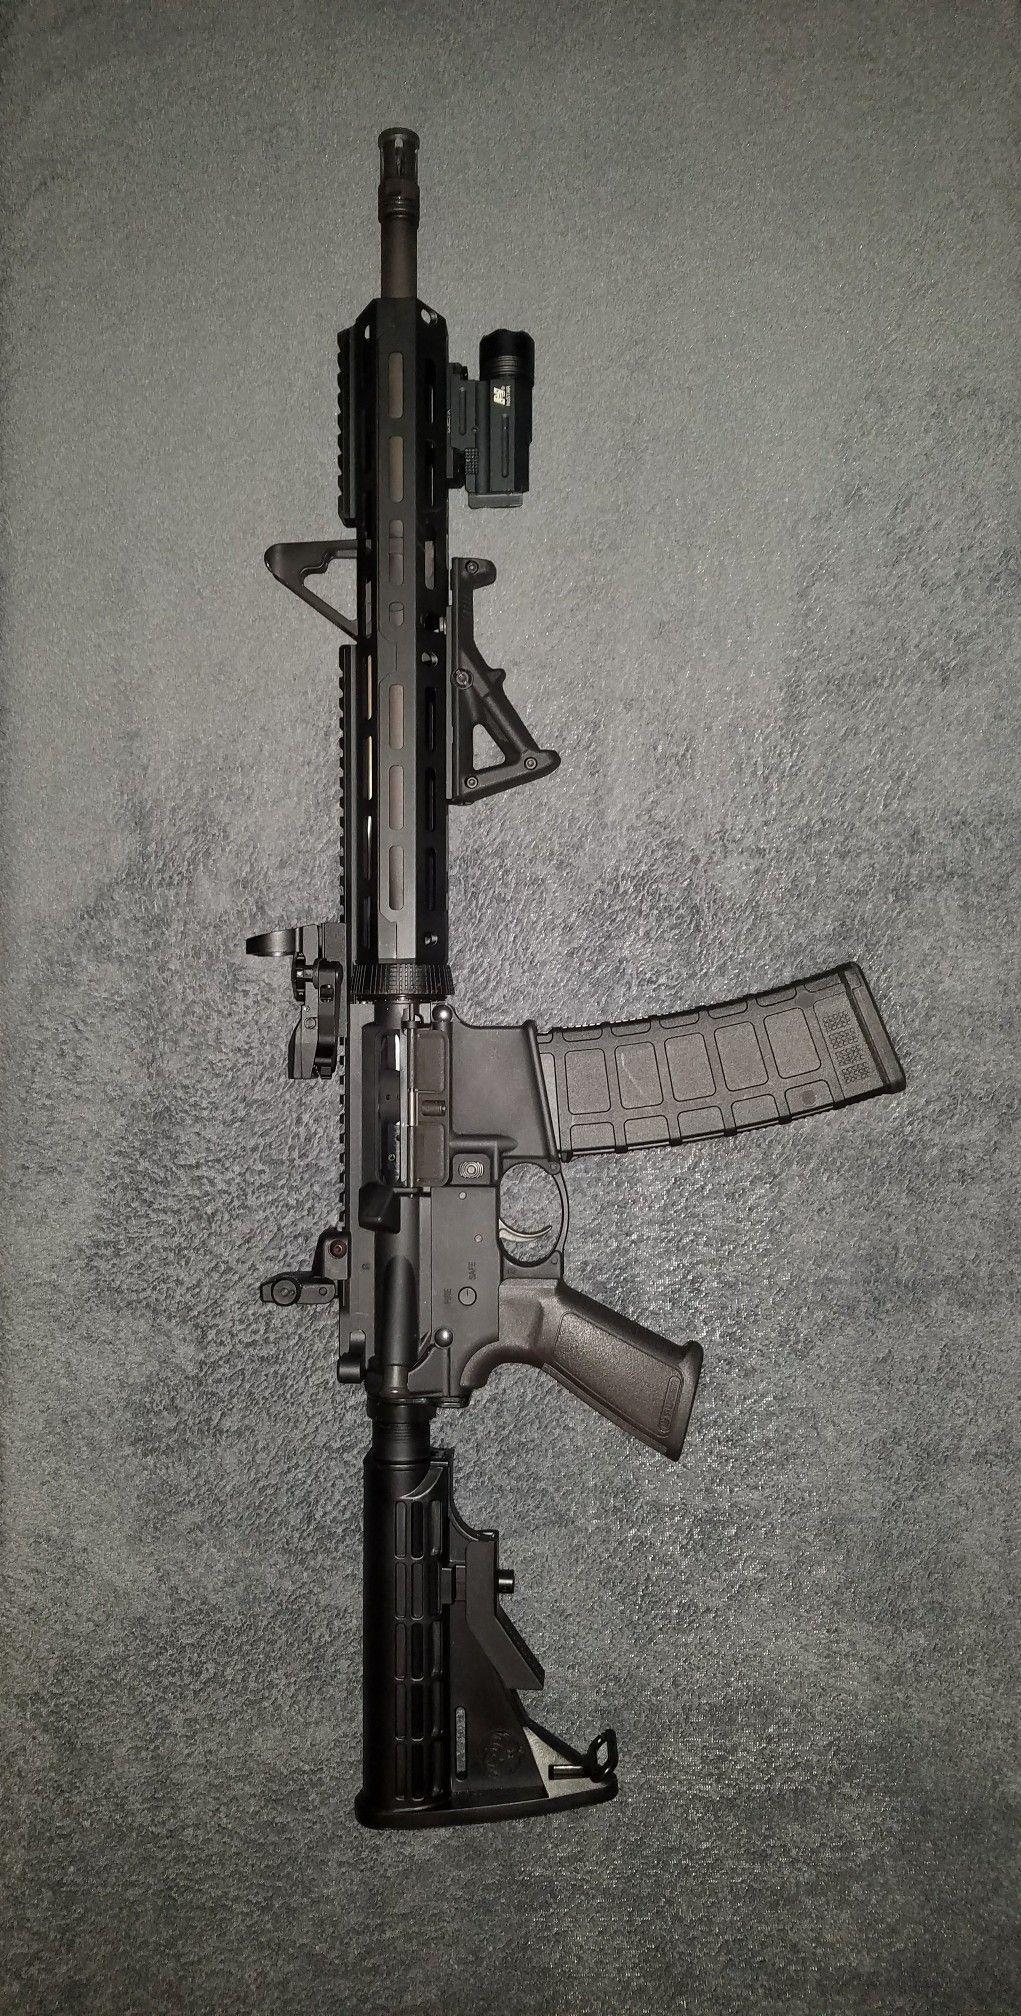 Ruger 556 AR-15 Custom build | Guns | Ruger ar 556, Guns ...